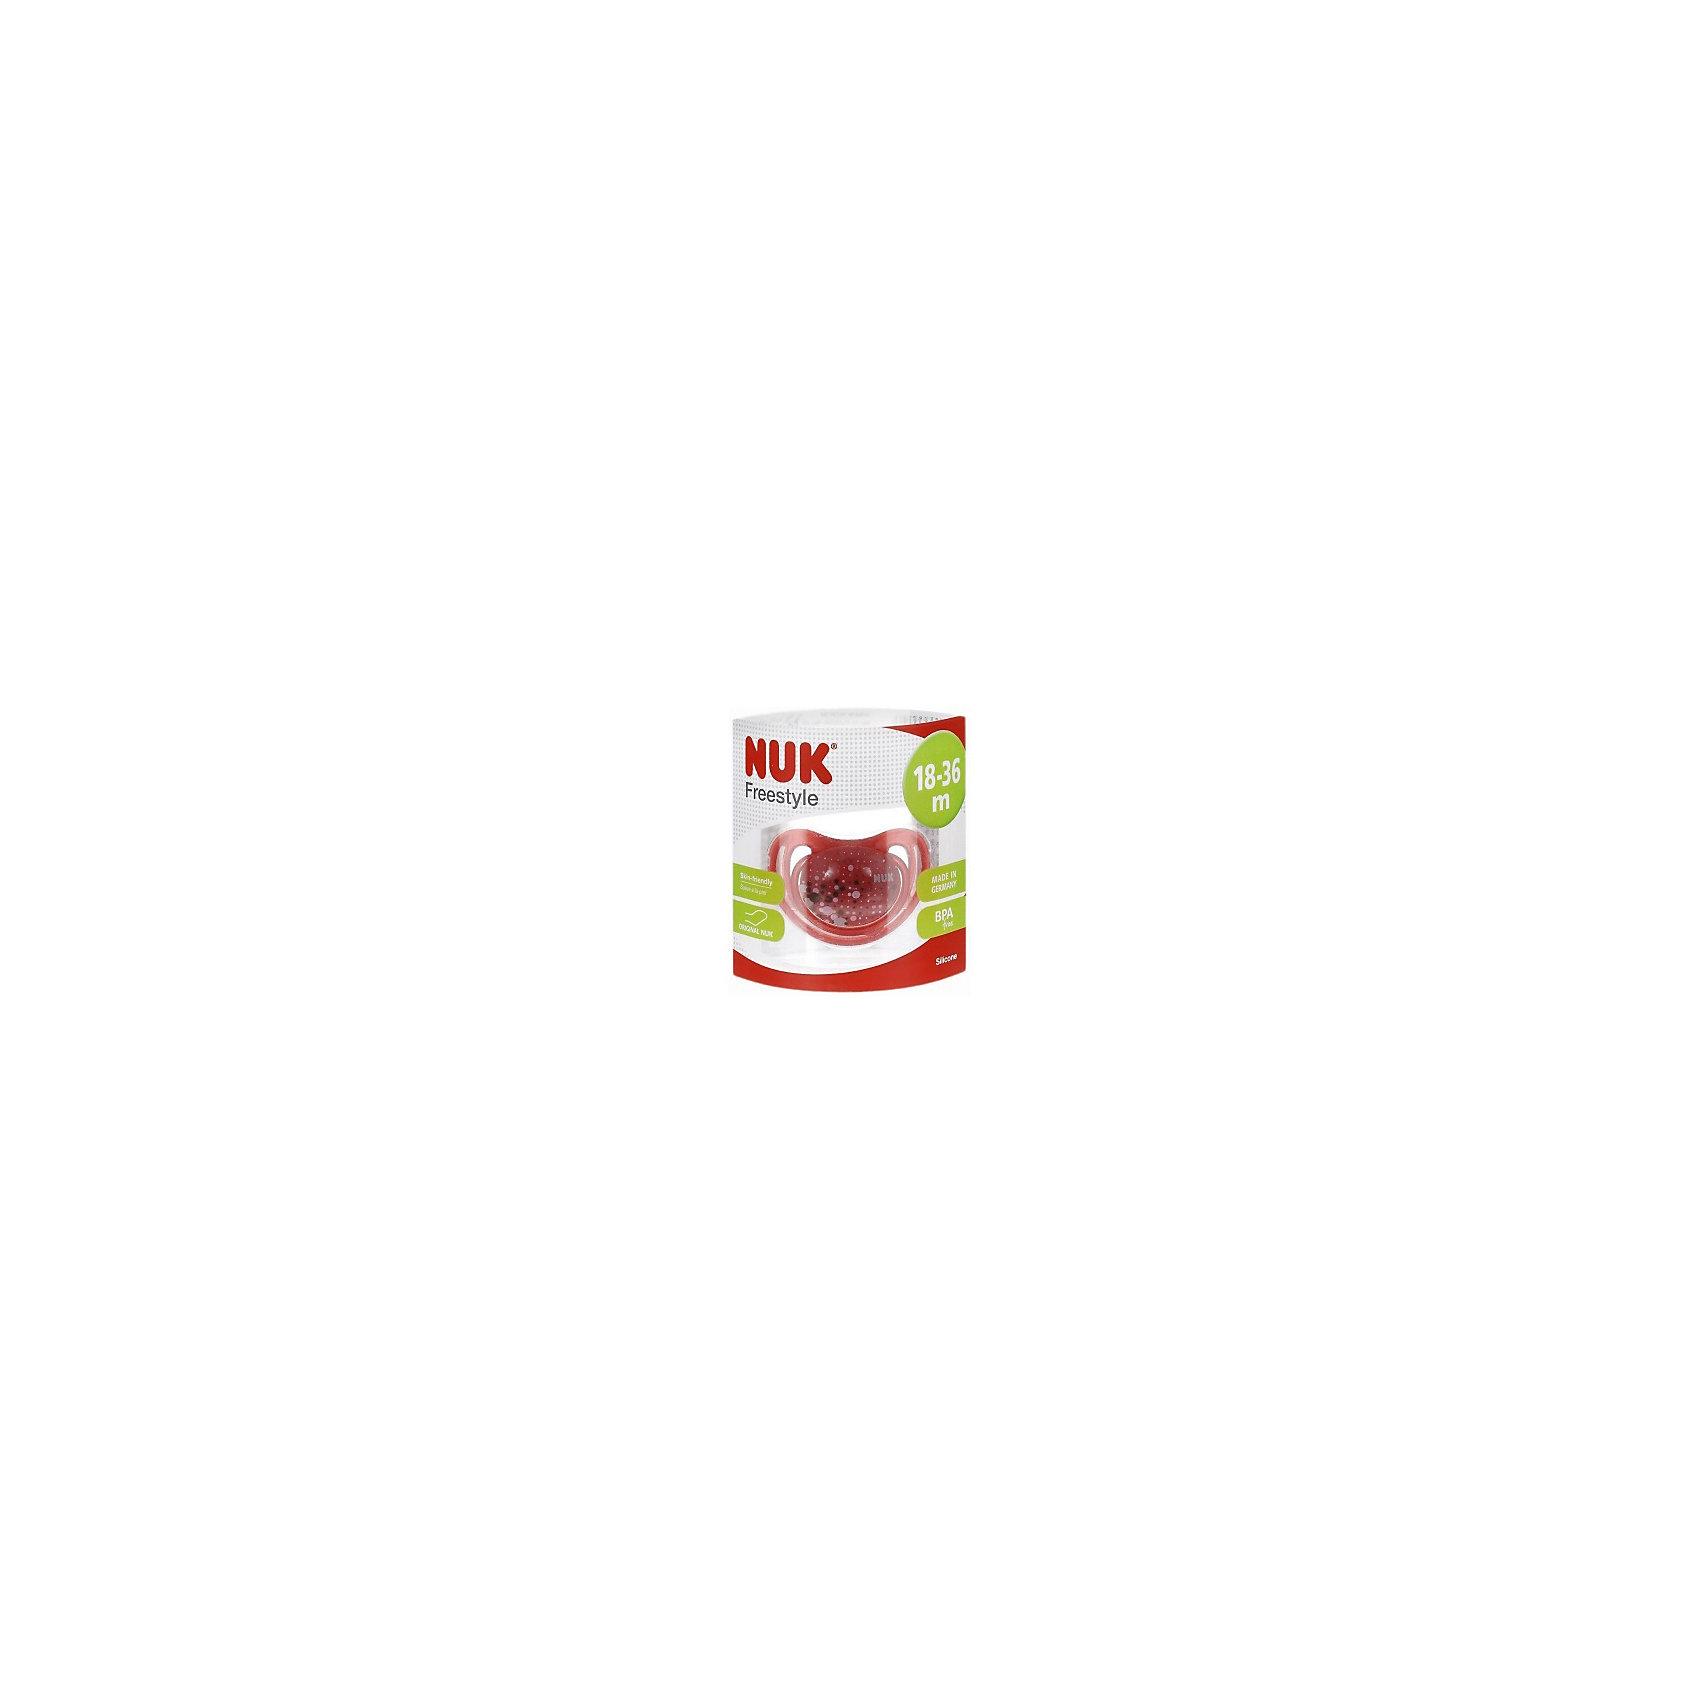 Пустышка силиконовая для сна FREESTYLE 1 шт. р-р 3, NUK, красныйПустышки и аксессуары<br>Характеристики изделия:<br><br>- цвет: красный;<br>- материал: силикон, полиэстер;<br>- ортодонтическая форма;<br>- меньшее количество точек соприкосновения с кожей;<br>- с колечком;<br>- упаковка из 100% биопластика;<br>- размер 3.<br><br>Детские товары существенно облегчают жизнь молодым мамам. Существует множество полезных в период материнства вещей. К таким относится и пустышка. <br>Данная модель разработана совместно с ортодонтами. Мягкий материал подойдет для ротовой полости ребенка. Пустышка легко очищается от любых поверхностных загрязнений. Она помогает правильно сформировать прикус и нормально развиться ротовой полости.<br><br>Пустышку силиконовую для сна FREESTYLE 1 шт. от производителя NUK можно купить в нашем магазине.<br><br>Ширина мм: 75<br>Глубина мм: 75<br>Высота мм: 105<br>Вес г: 38<br>Возраст от месяцев: 18<br>Возраст до месяцев: 36<br>Пол: Унисекс<br>Возраст: Детский<br>SKU: 5065290